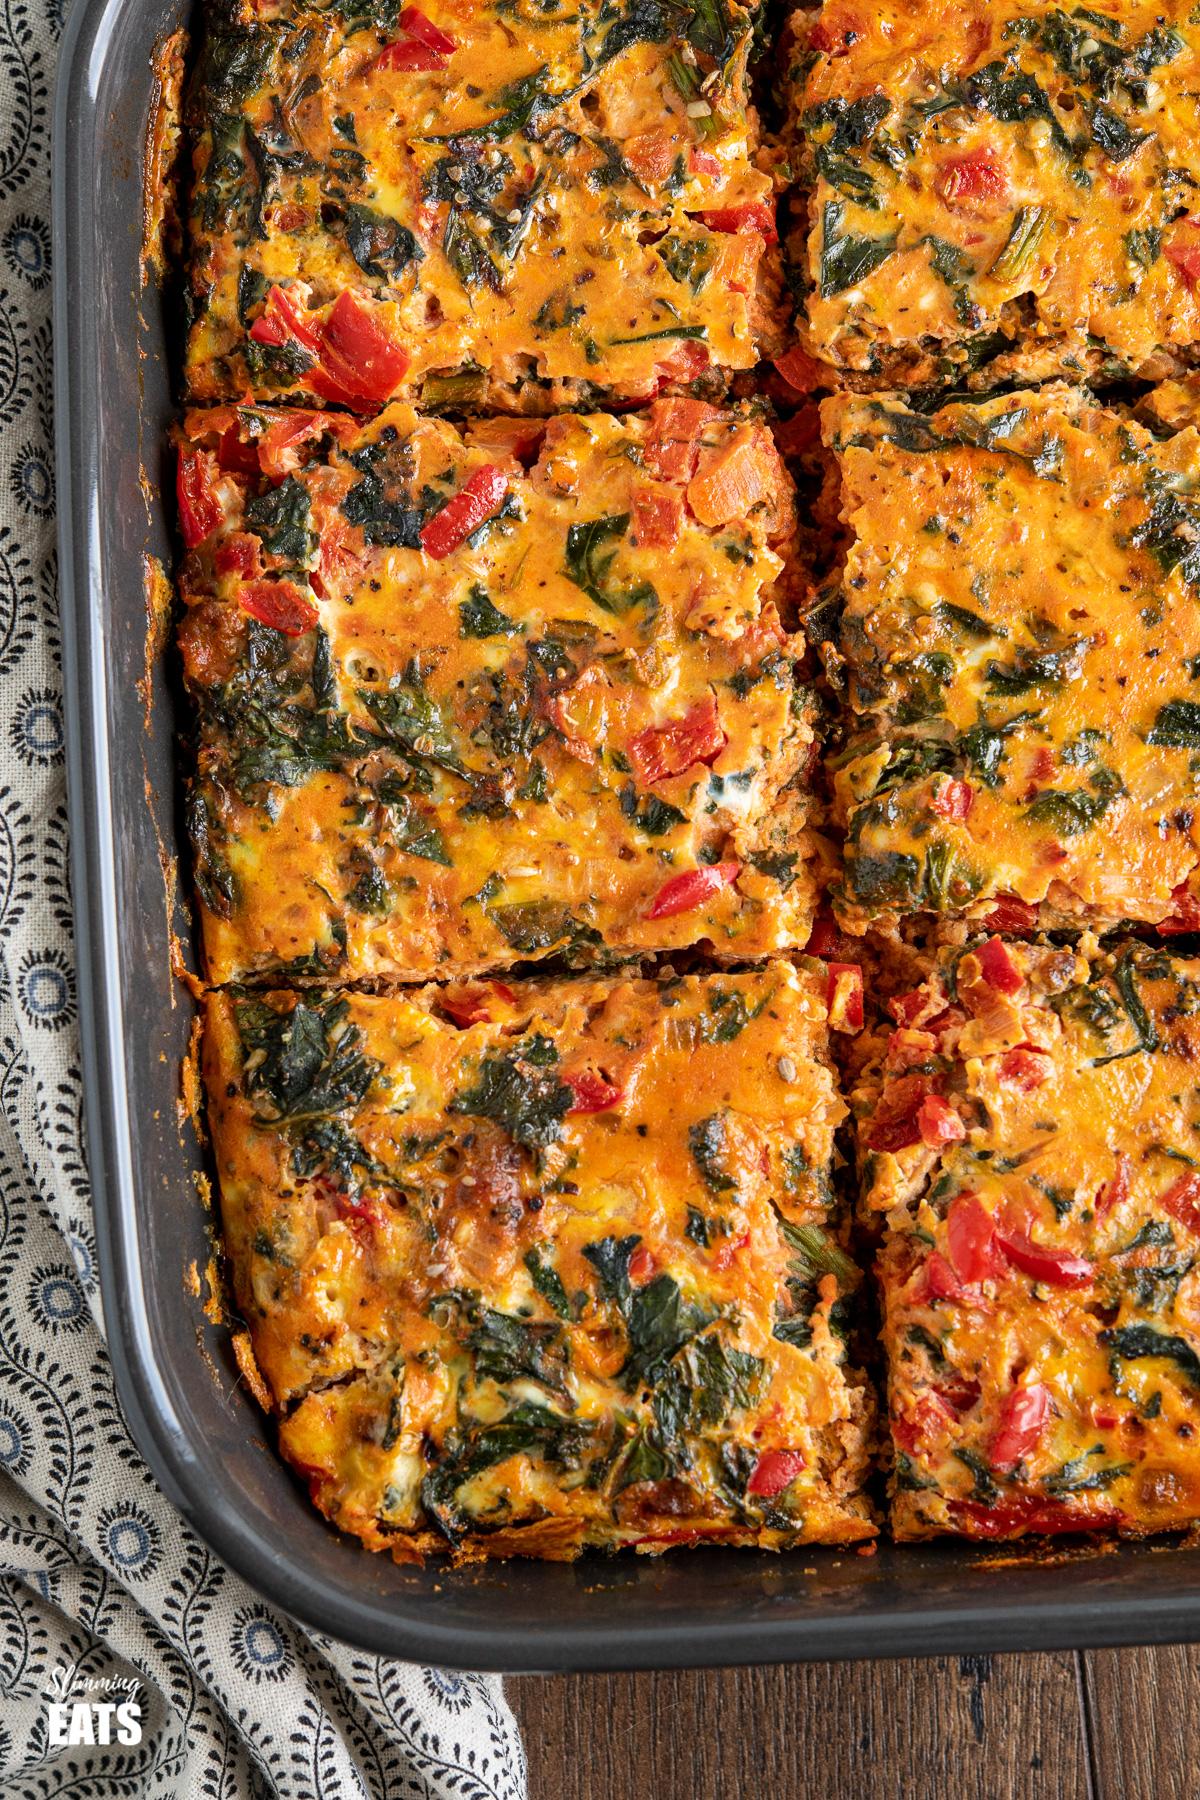 sliced Breakfast Layered Crustless Quiche in dark grey baking dish